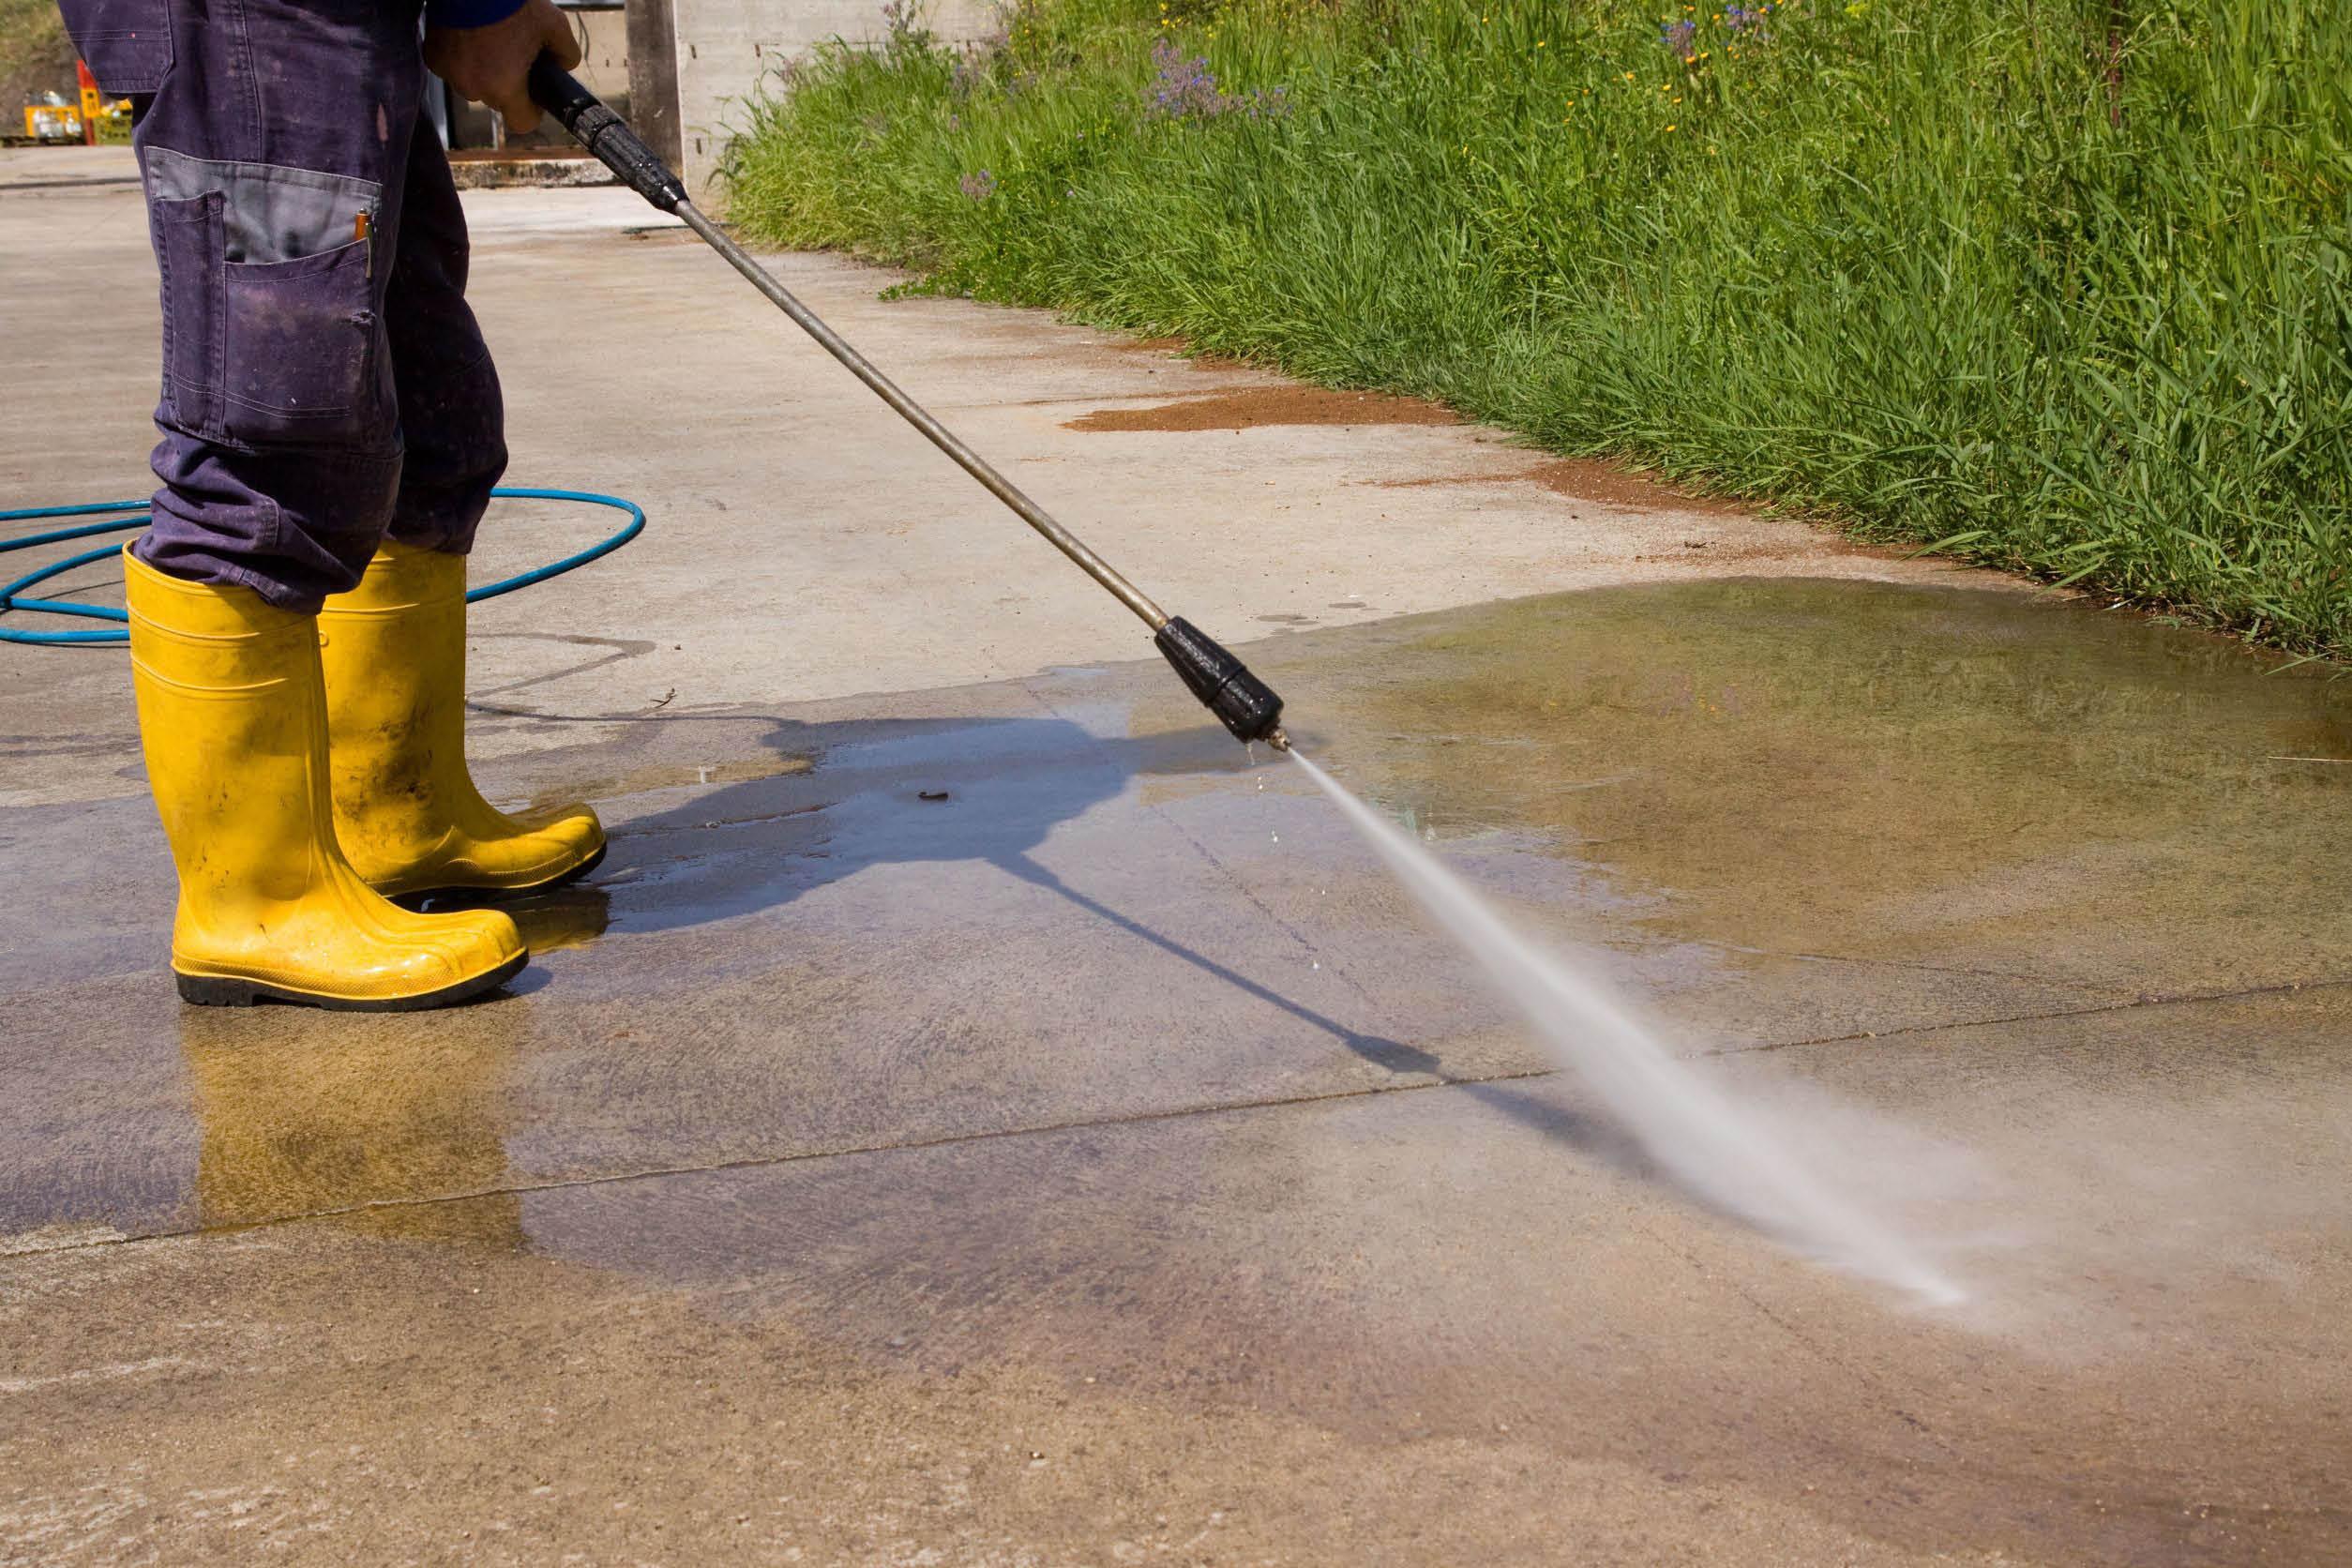 Vinny's Gardening Service - power washing - pressure washing - Kent, WA